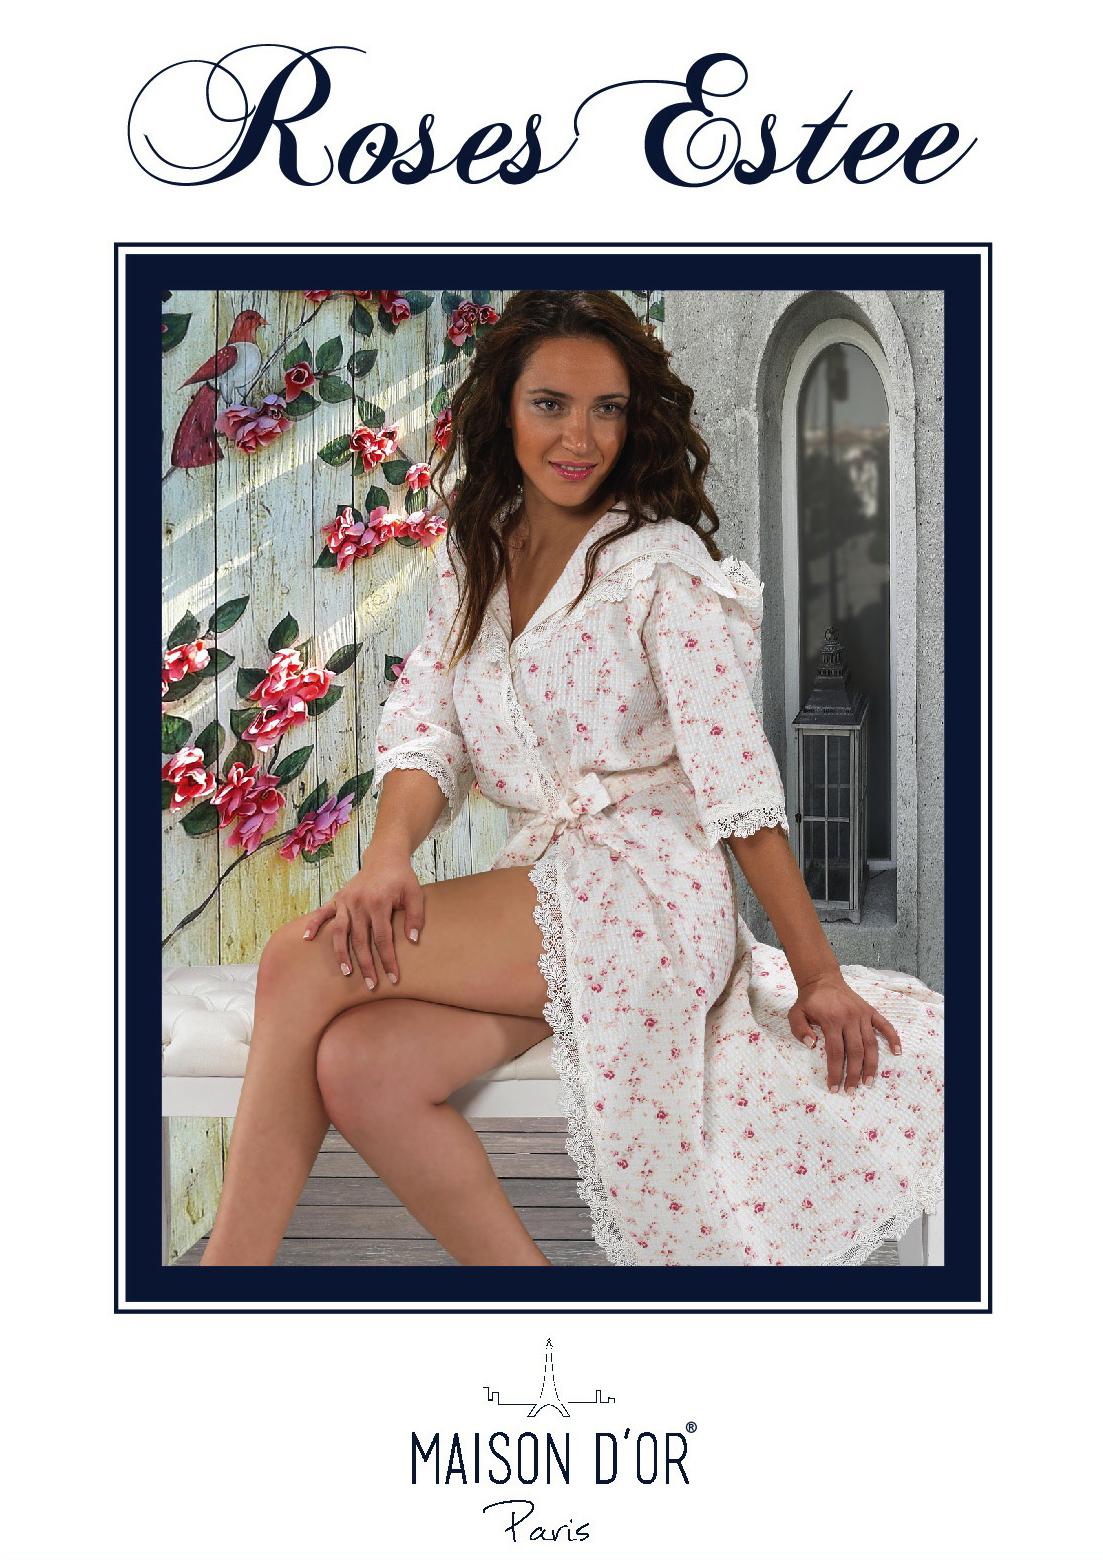 Легкие и вафельные халаты ROSES ESTEE - РОСЕС ЕСТИ женский вафельный  халат  Maison Dor Турция Roses_Estee-K.jpg